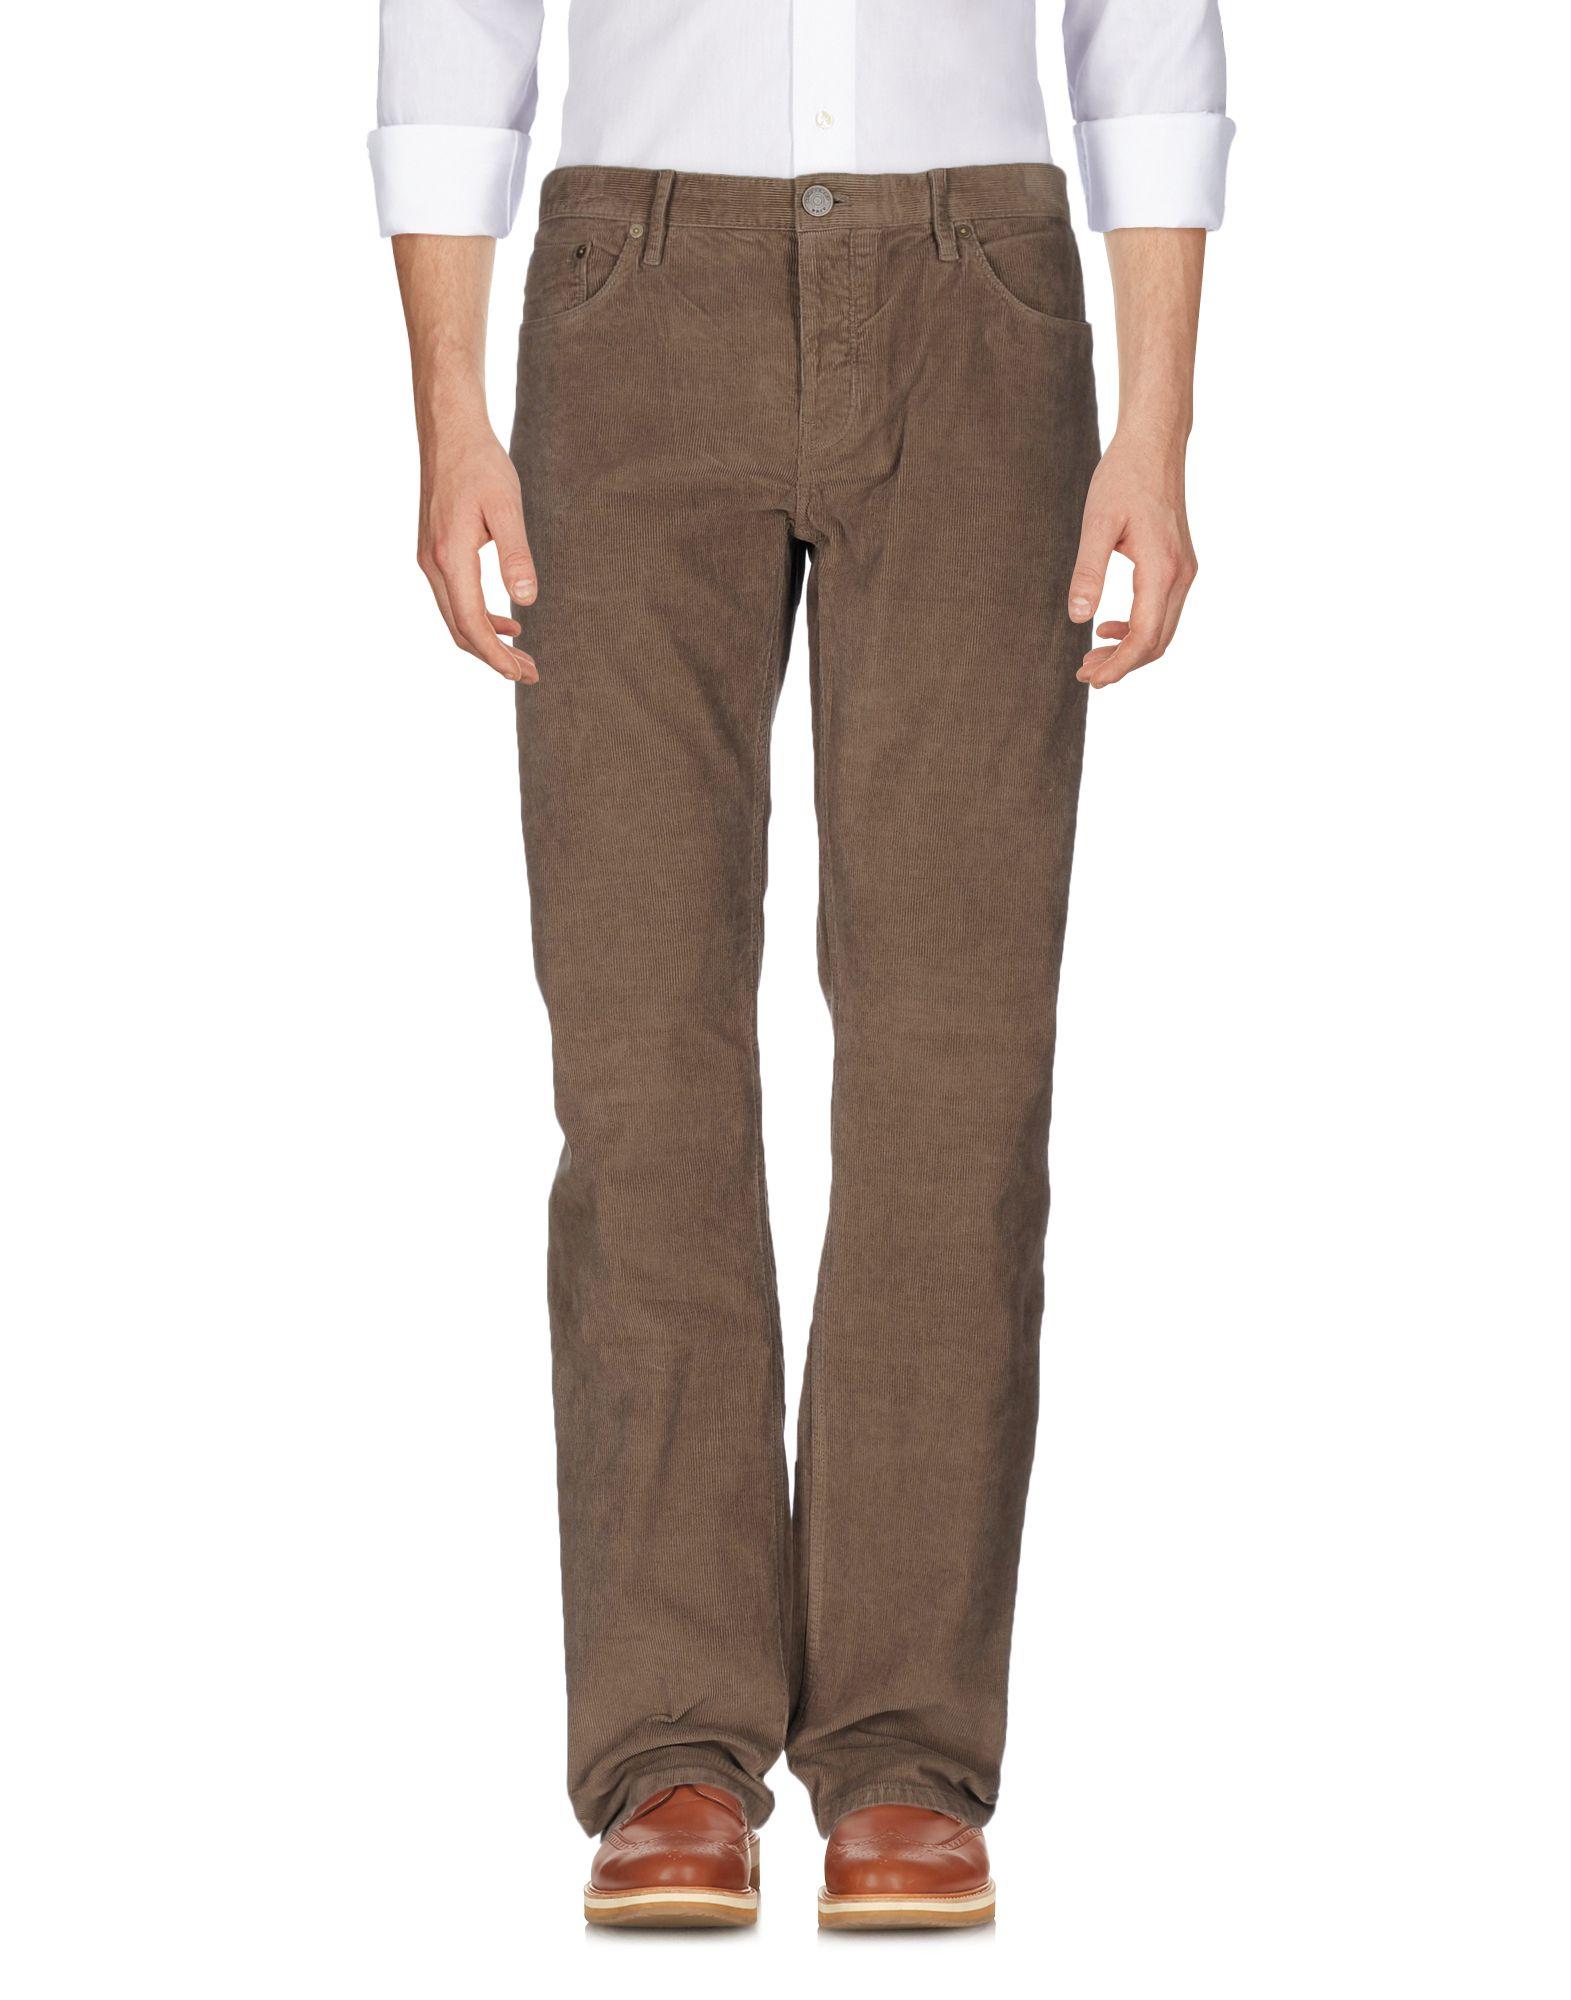 5 Tasche Burberry uomo - - 36999130TD  Professionelles integriertes Online-Einkaufszentrum